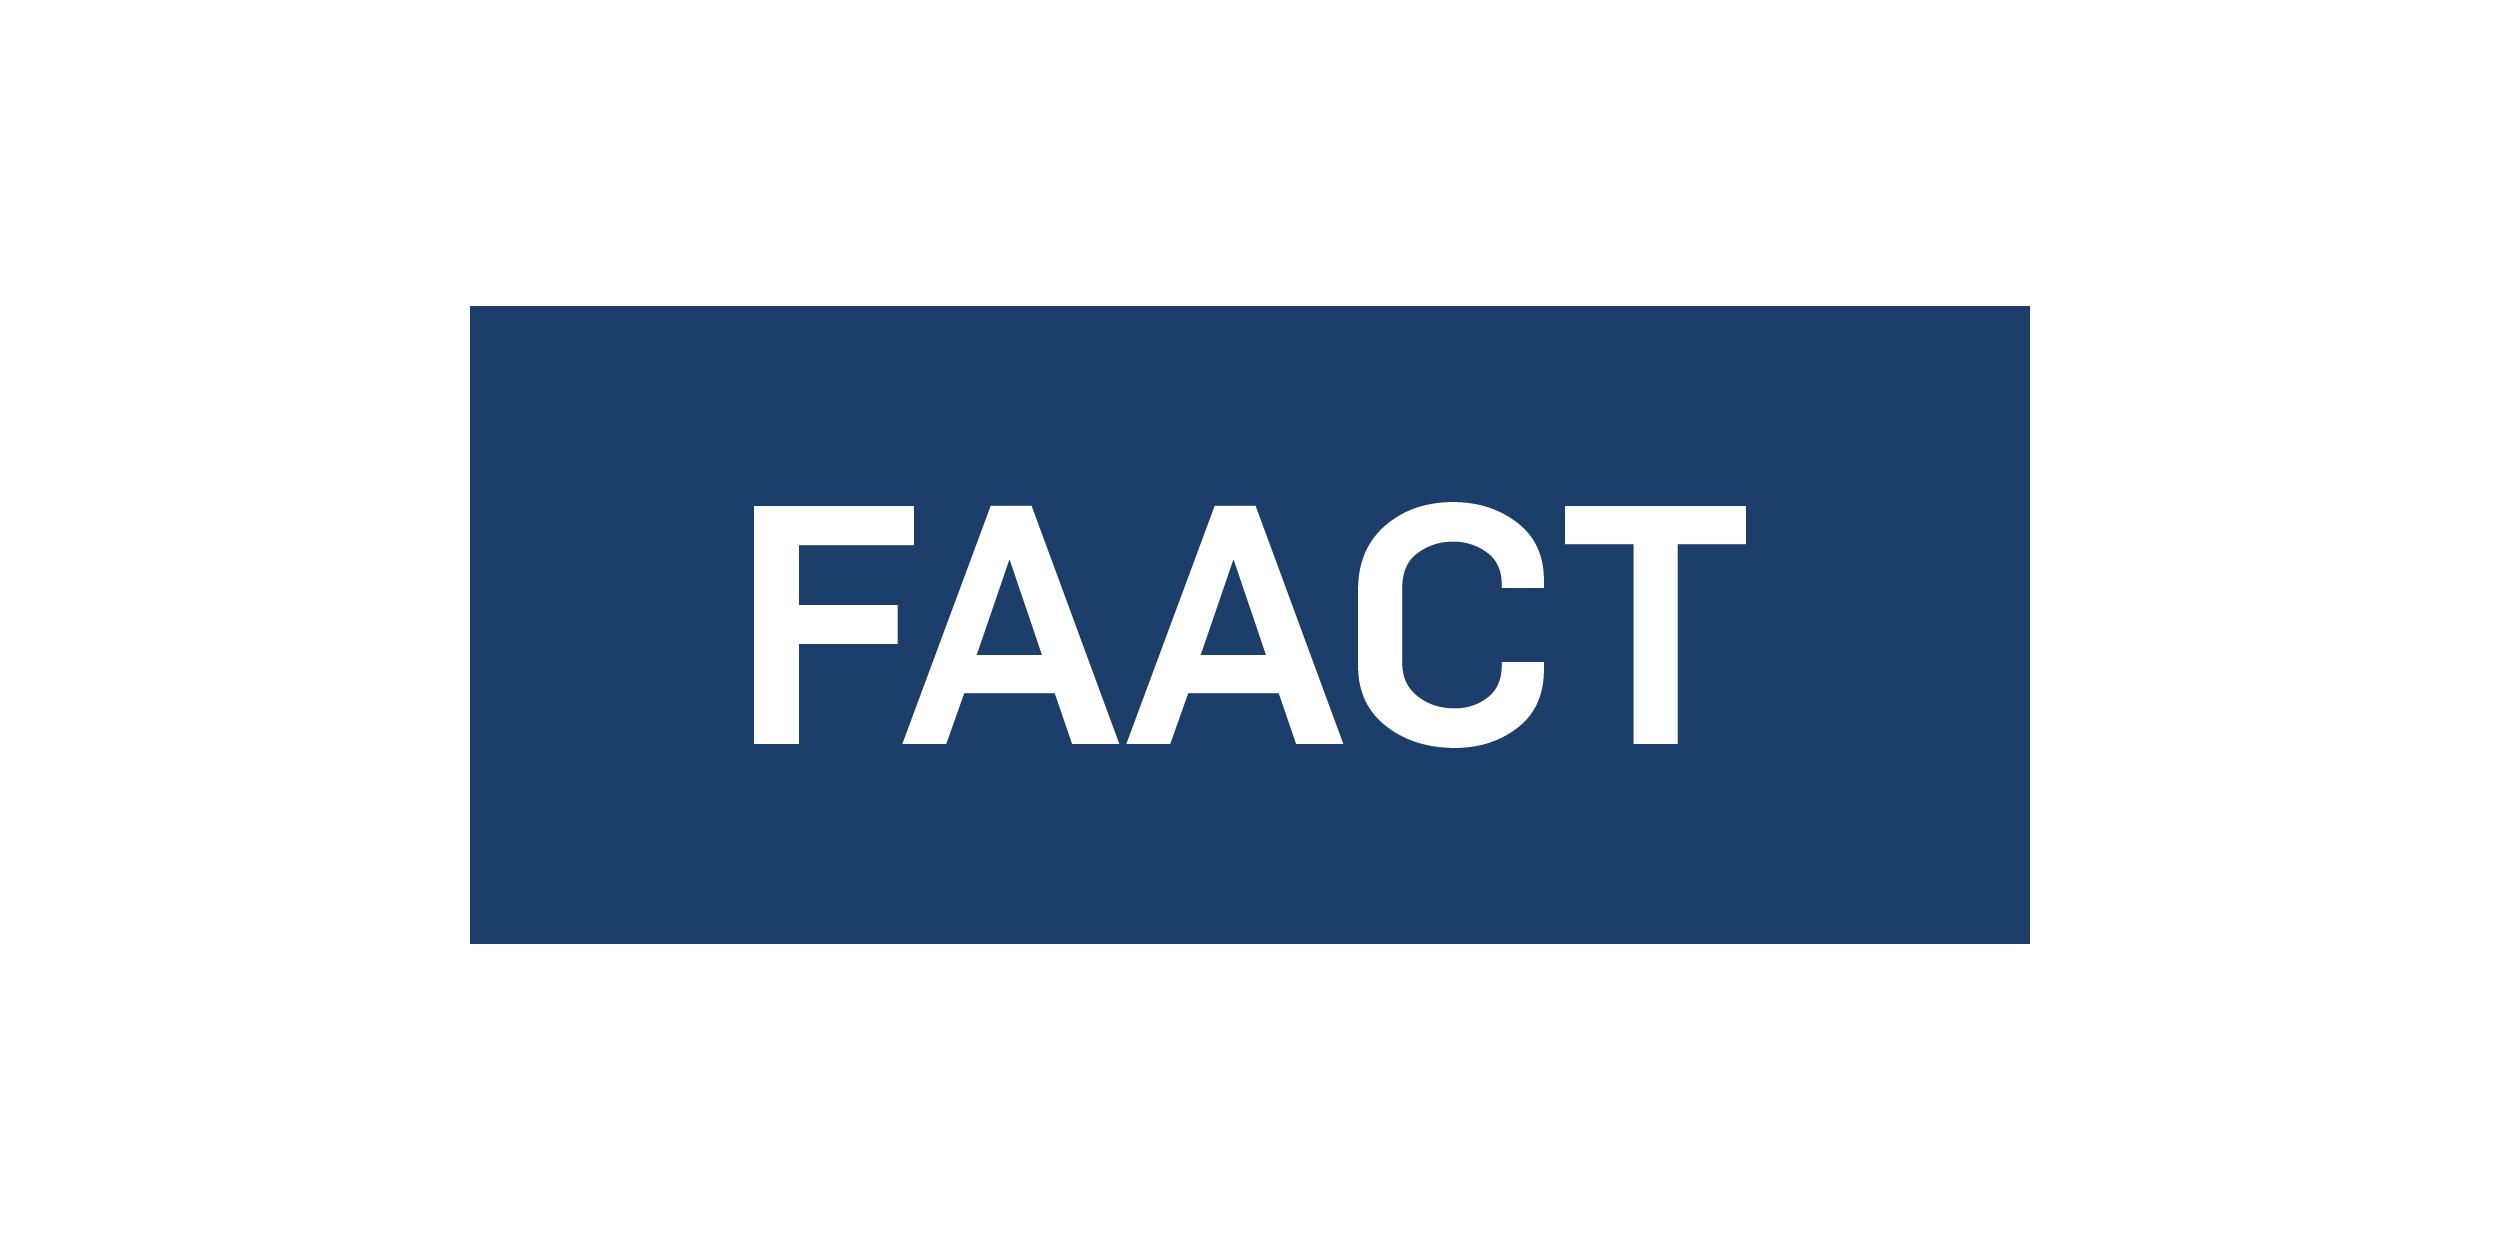 FAACT